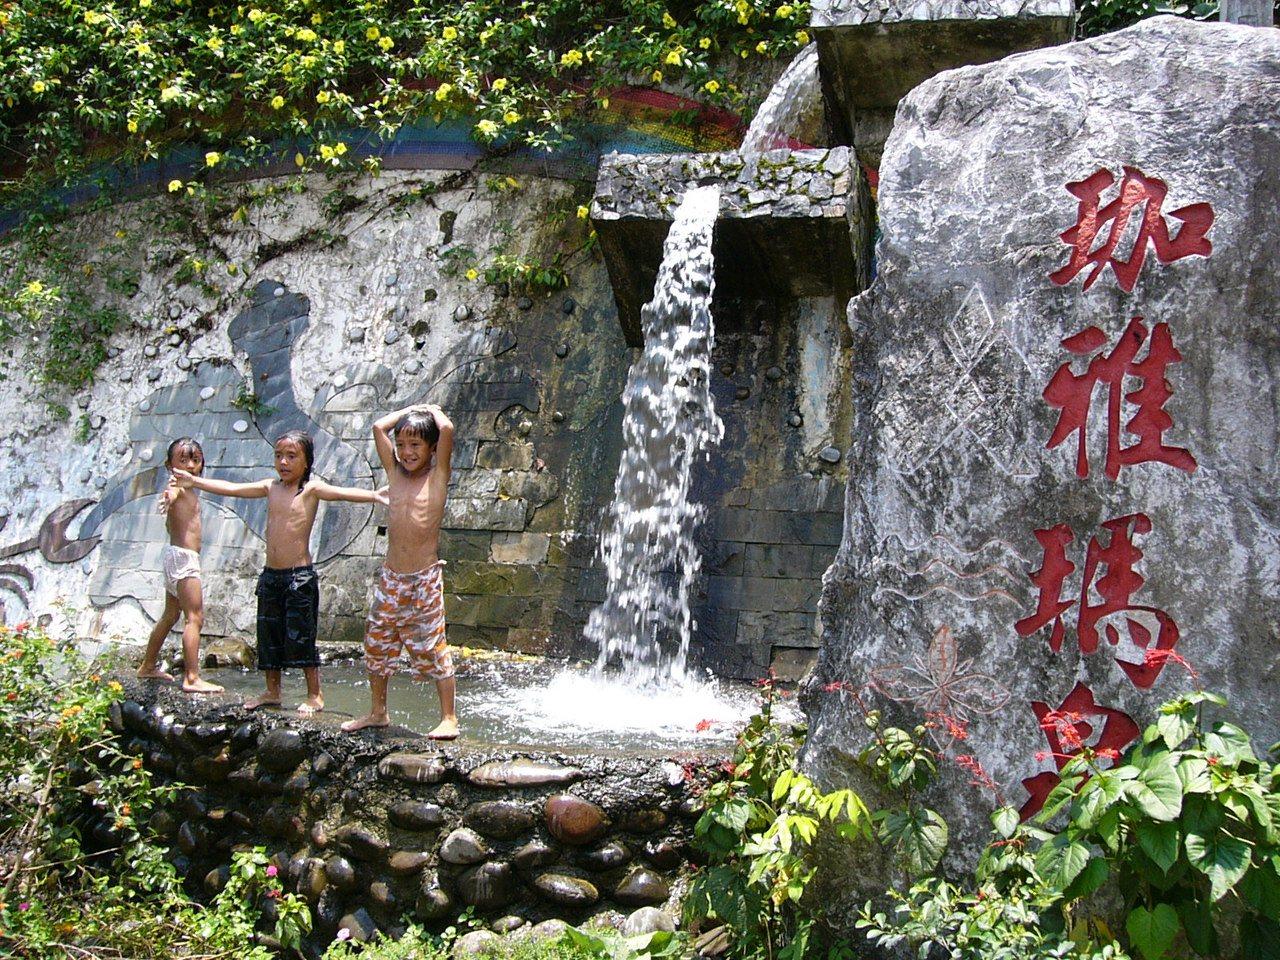 茶山部落造景簡單,馬路旁就有小型噴泉供小朋友戲水。  圖/熊迺祺 攝影